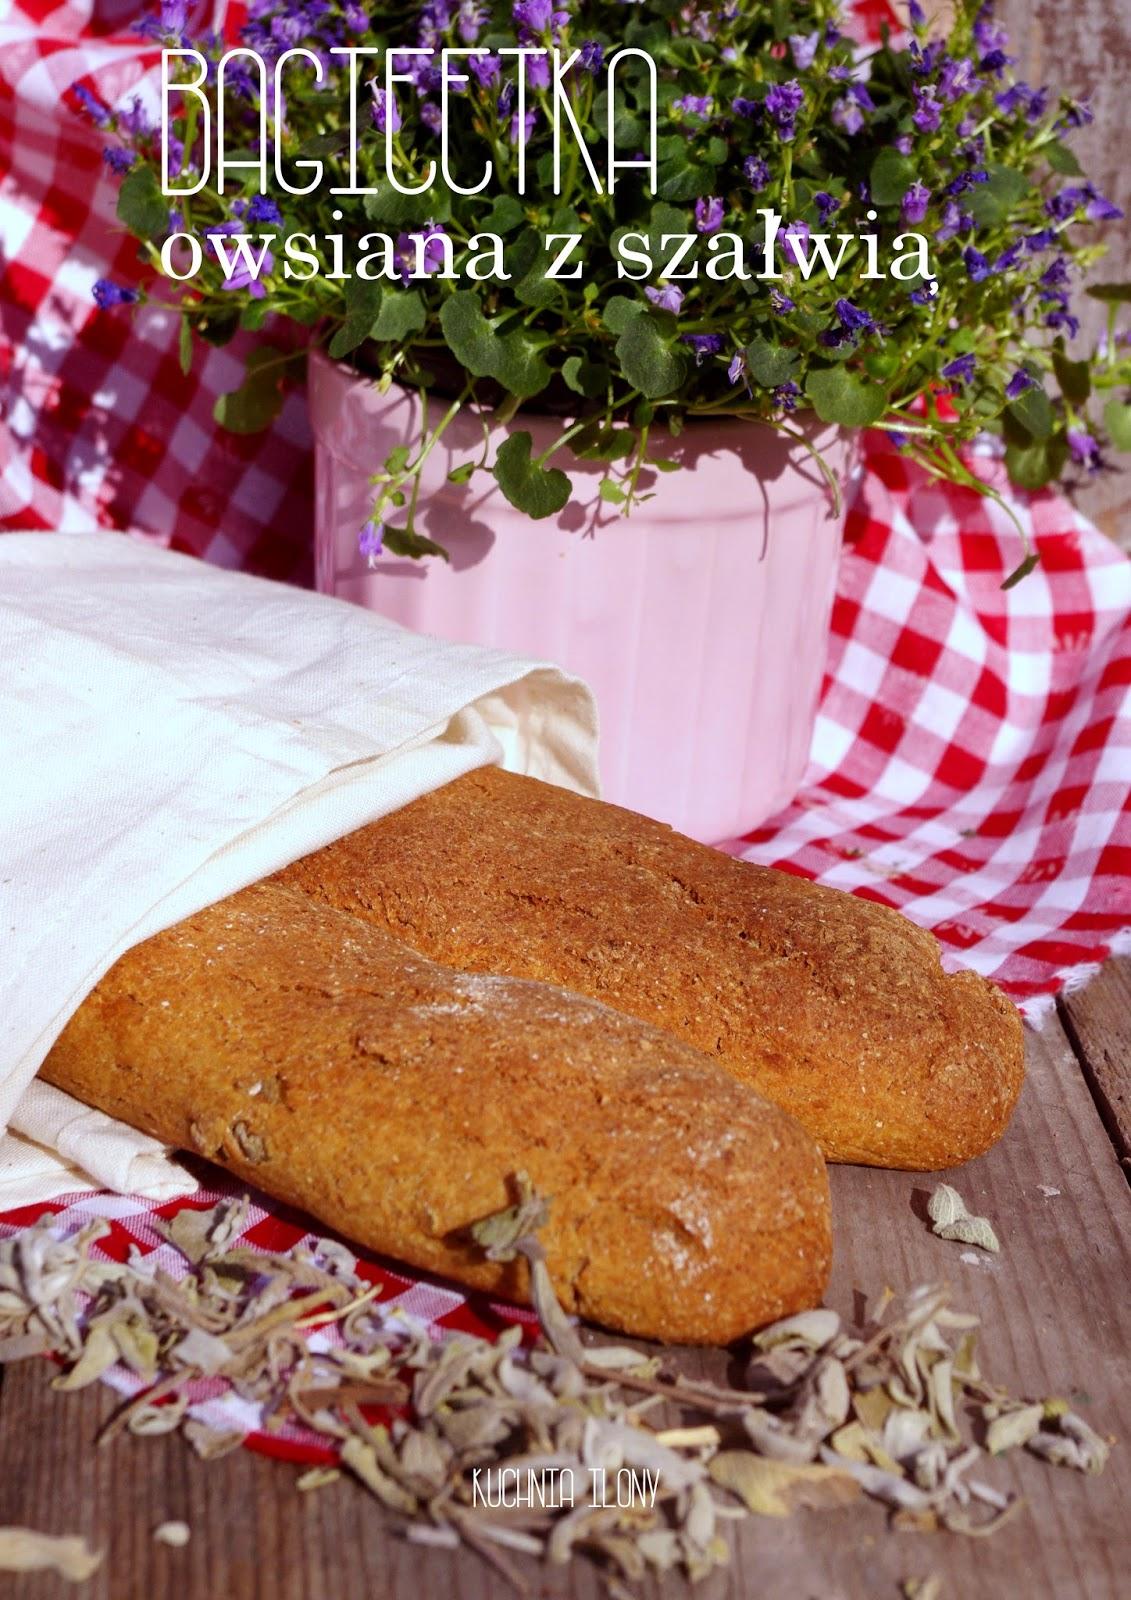 bagietka owsiana z szałwią, szałwia, bagietka, piekarnia, chleb, wielkanoc, zdrowe pieczywo, chleb owsiany,